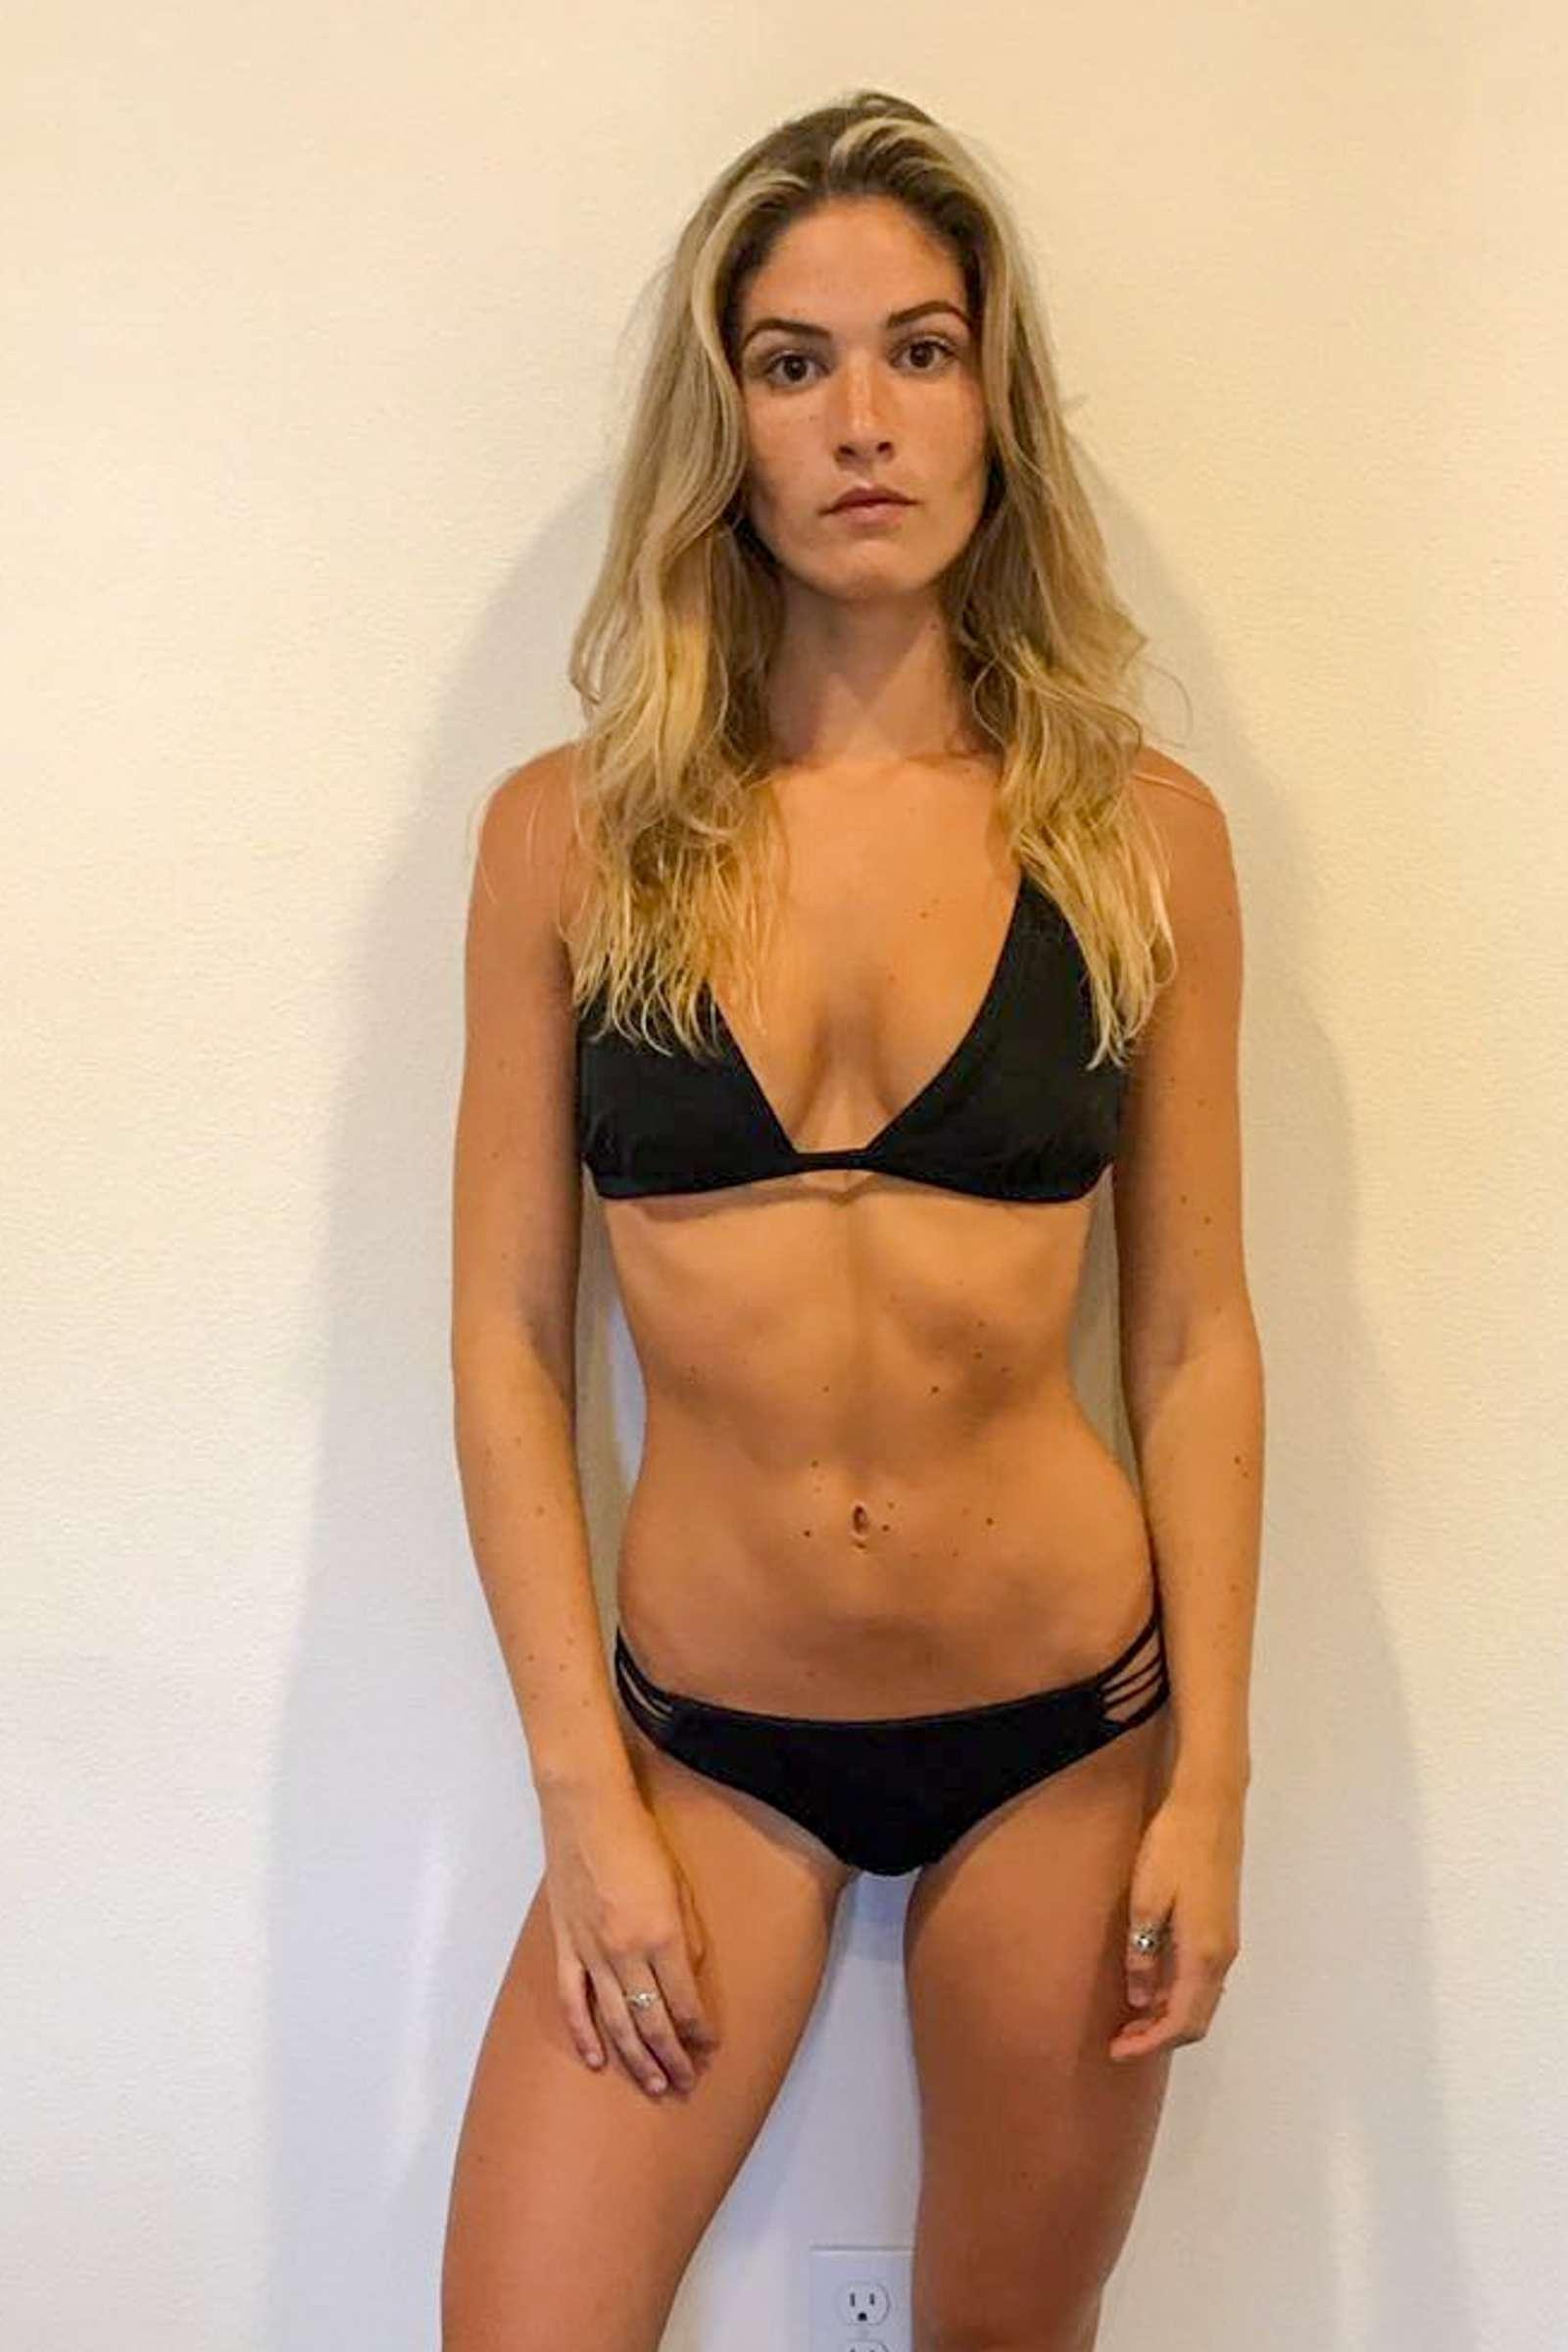 Skinny nudetube Nude Photos